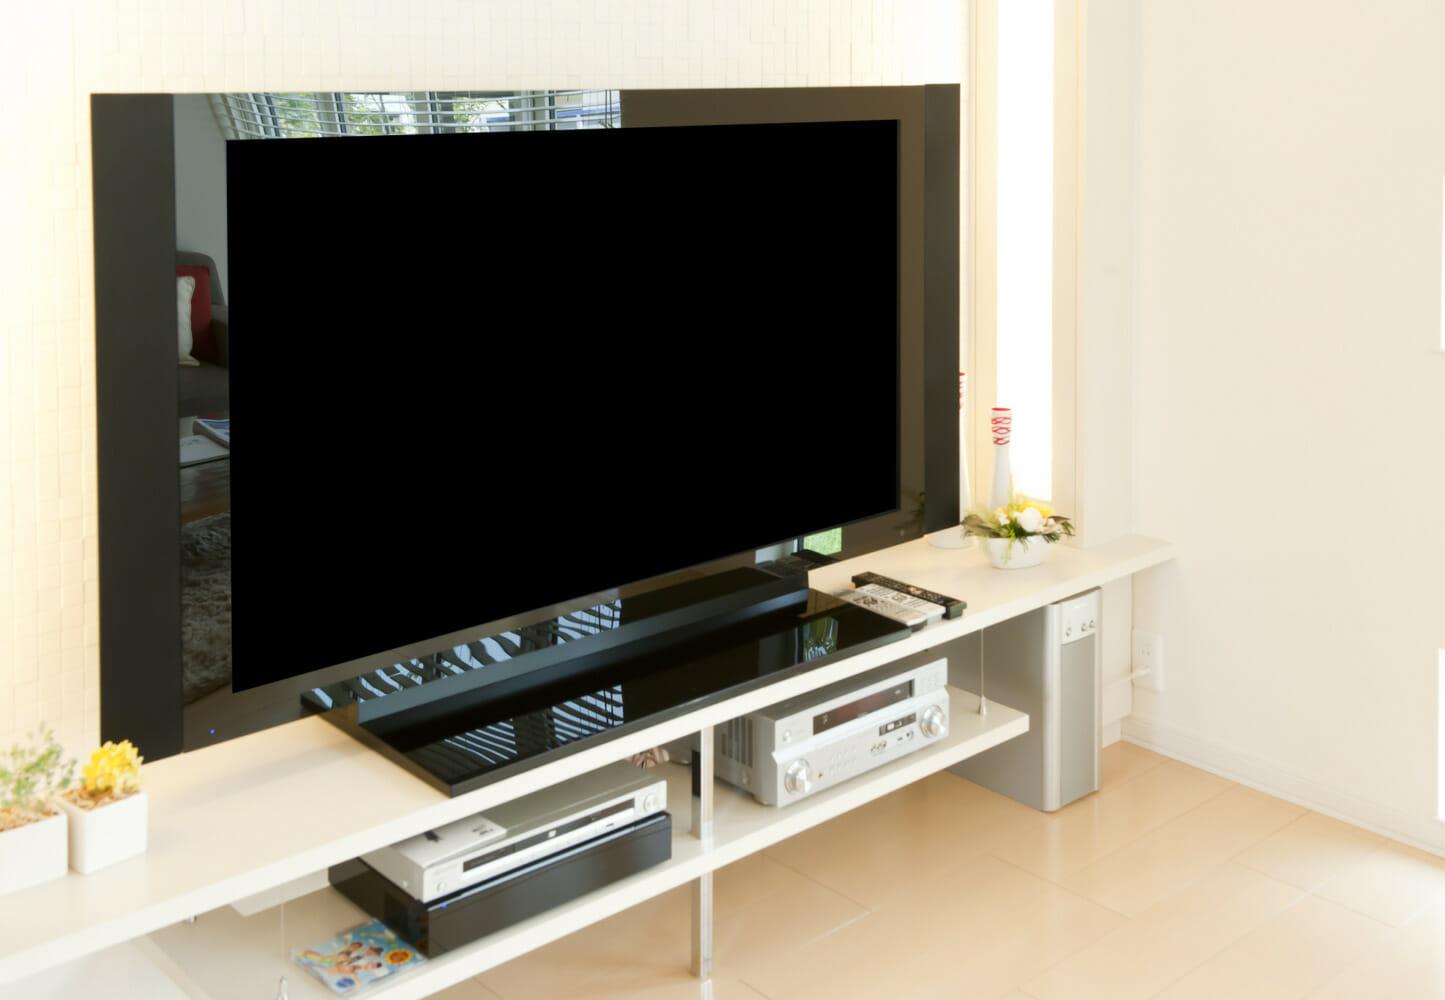 テレビ処分費用と処分・売却方法11選!ノジマ・ヤマダ電機など店舗別料金も公開